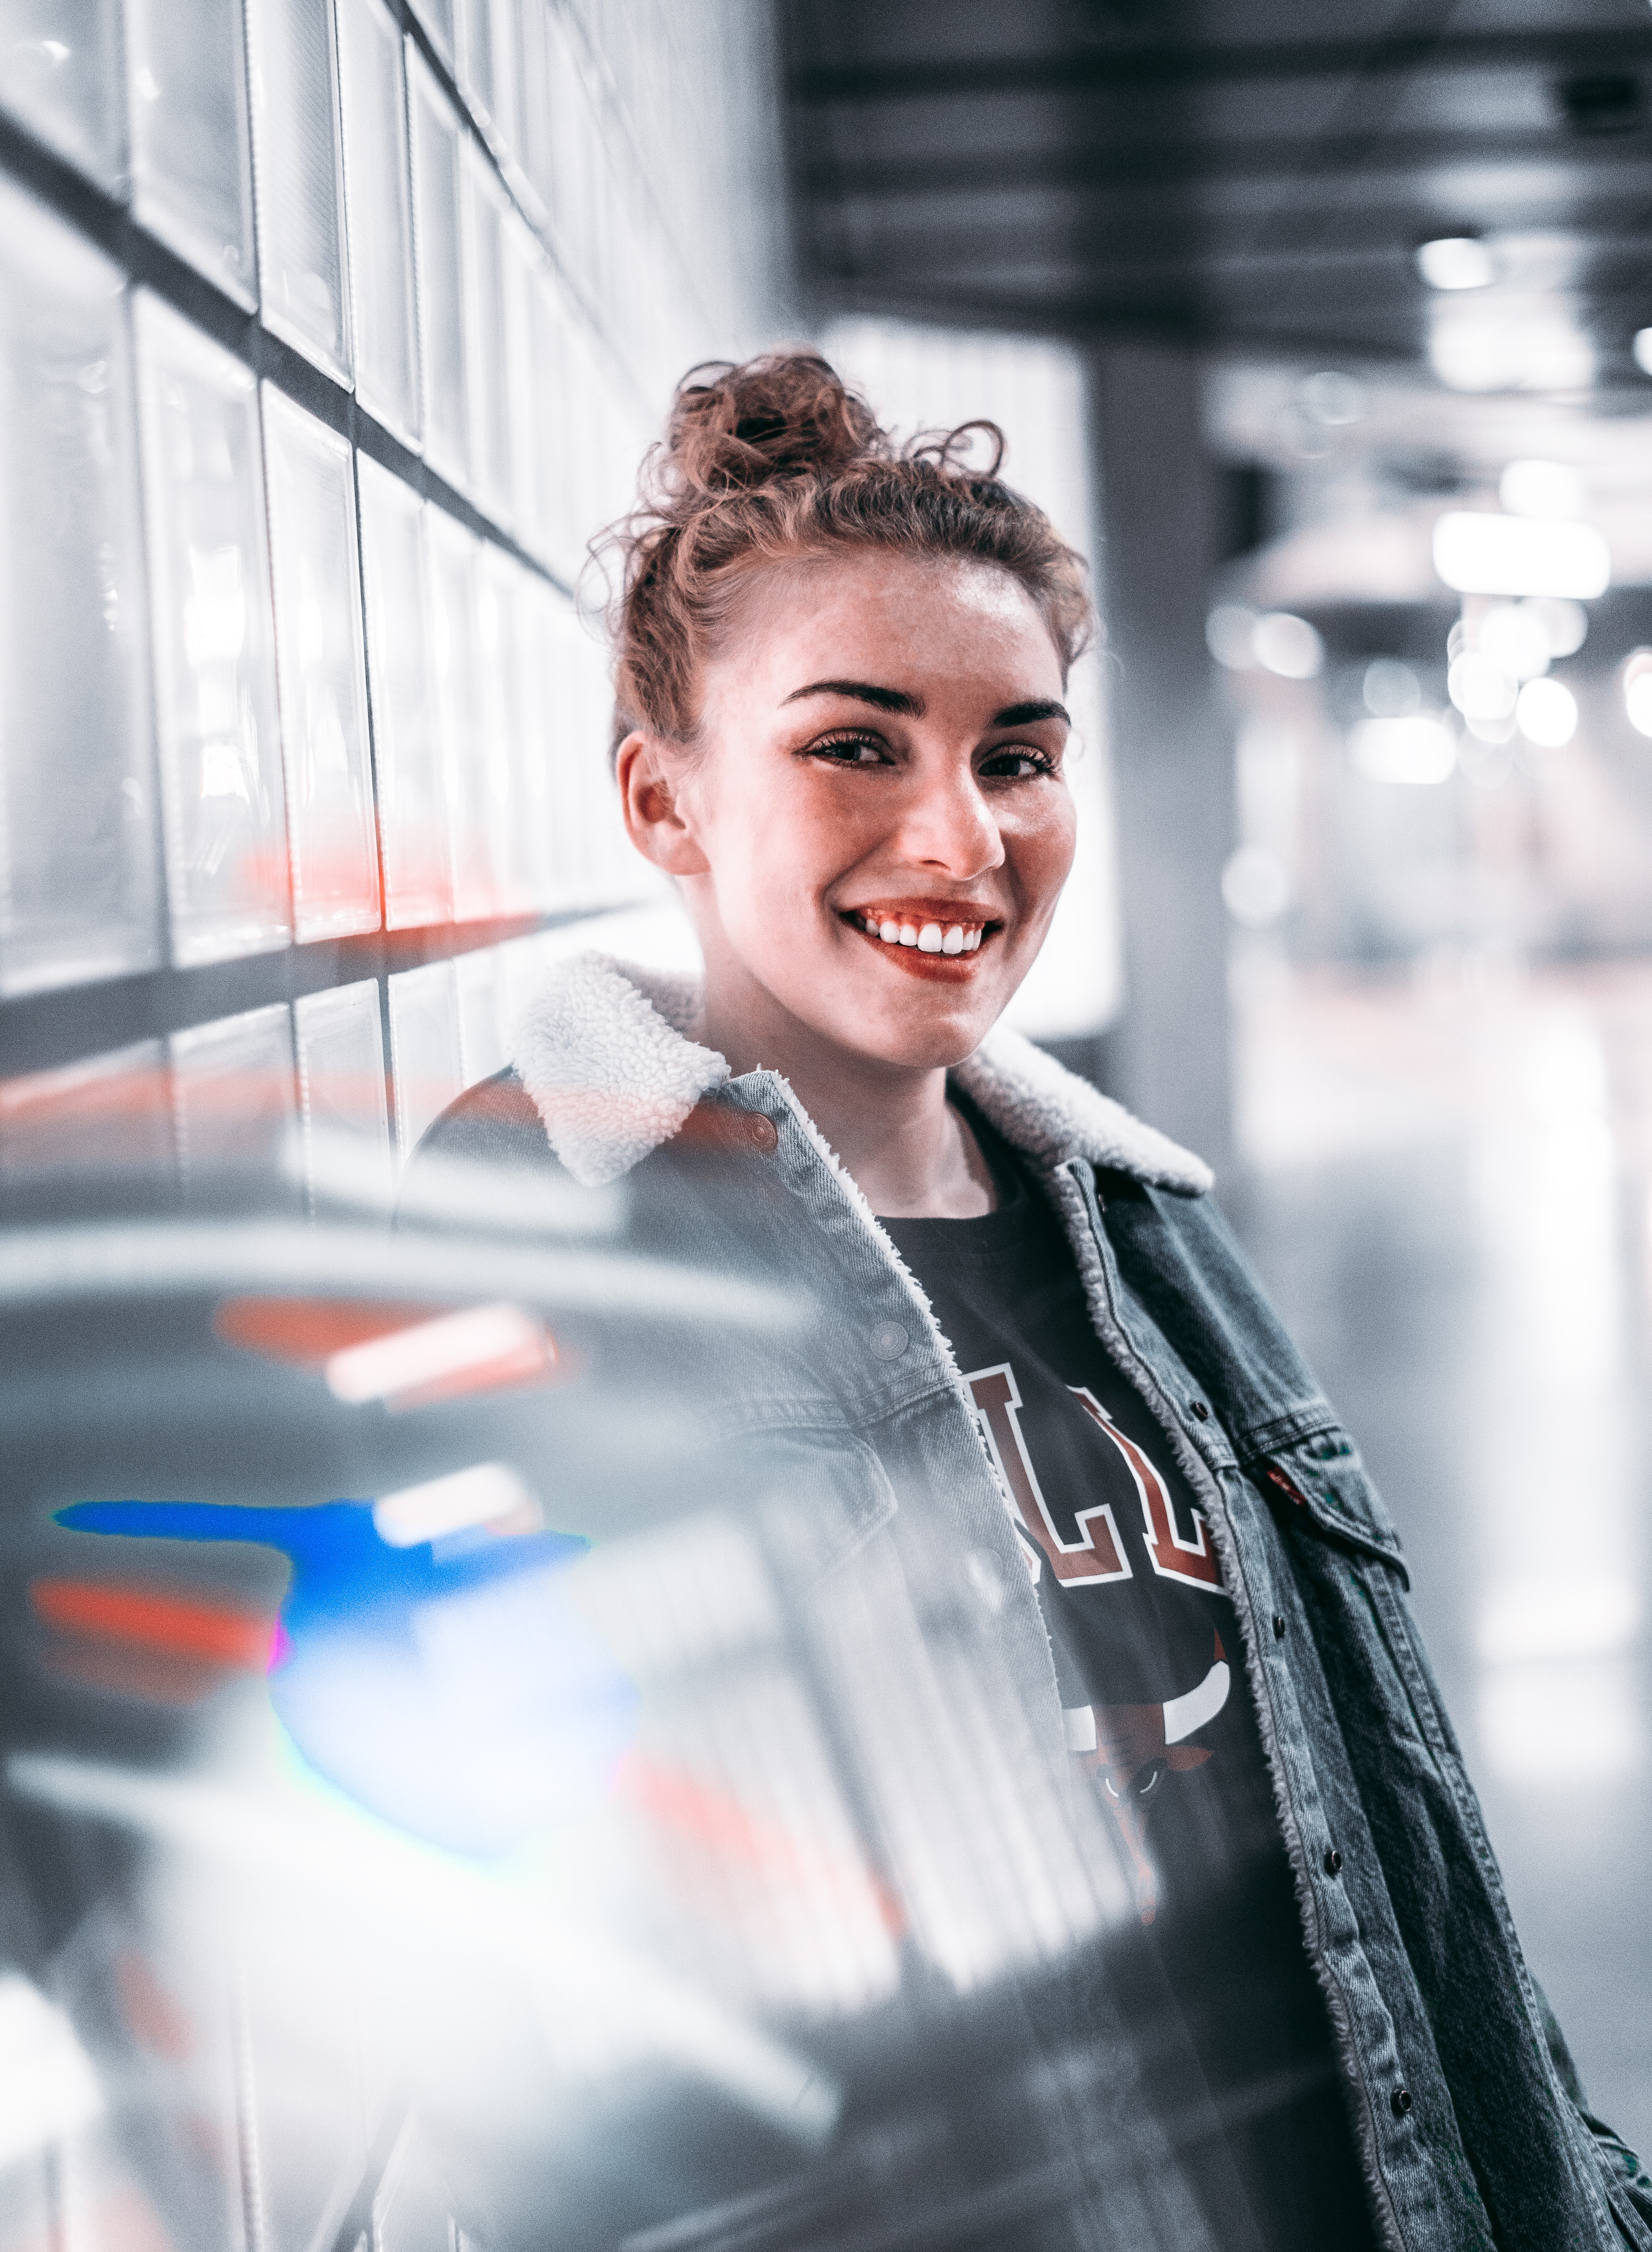 smiling woman wearing blue denim jacket